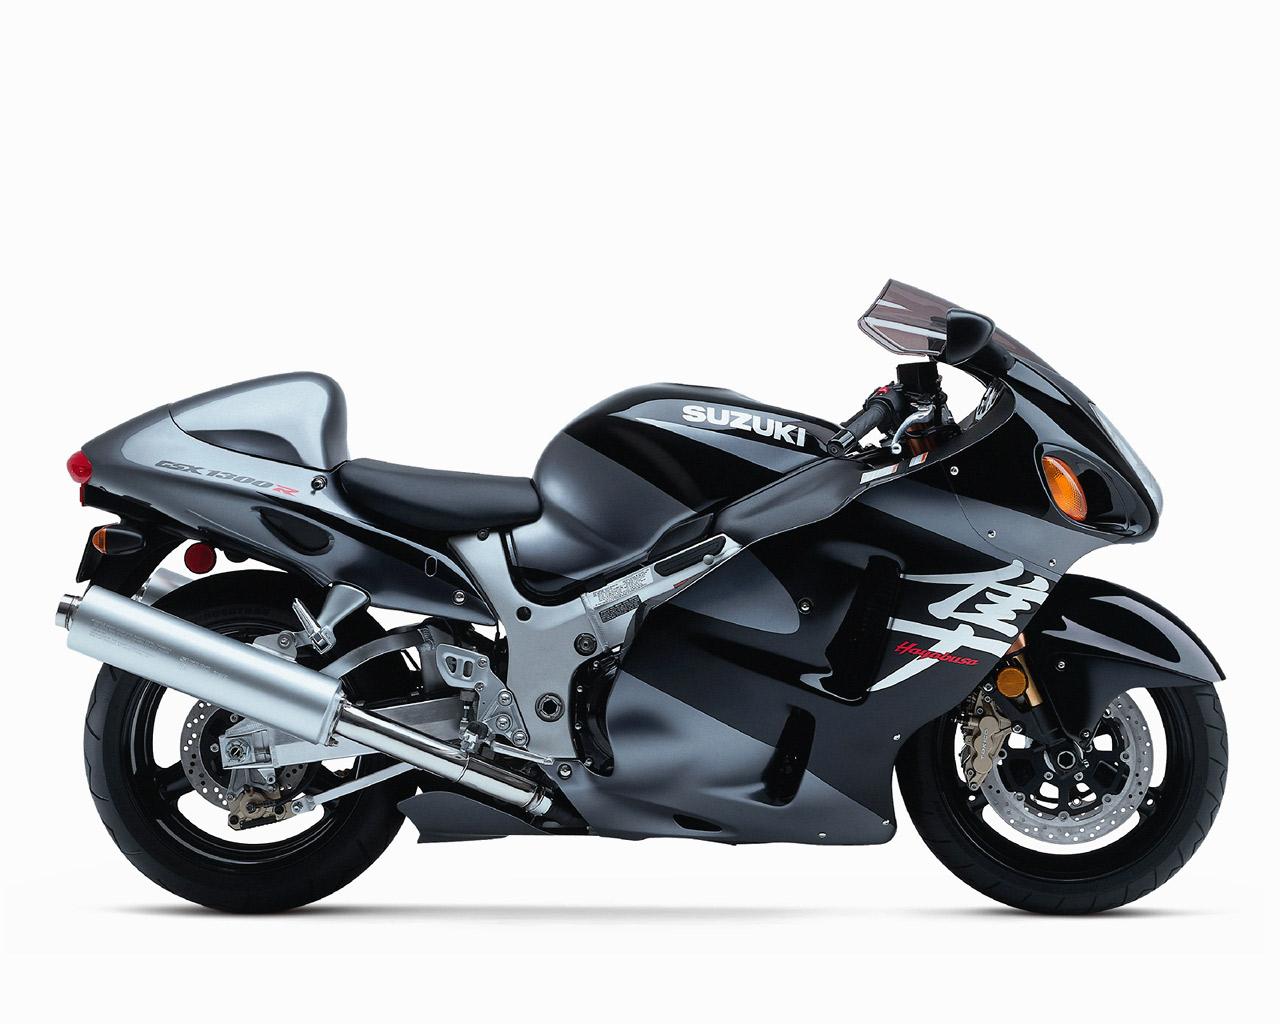 http://4.bp.blogspot.com/-_BGPNwPfG3Q/TXZXZqhdrFI/AAAAAAAAJ2E/CQJQd6eGUHI/s1600/Suzuki_Hayabusa_GSX-1300-R%252C_Sports_Bike_bike_wallpaper.jpg